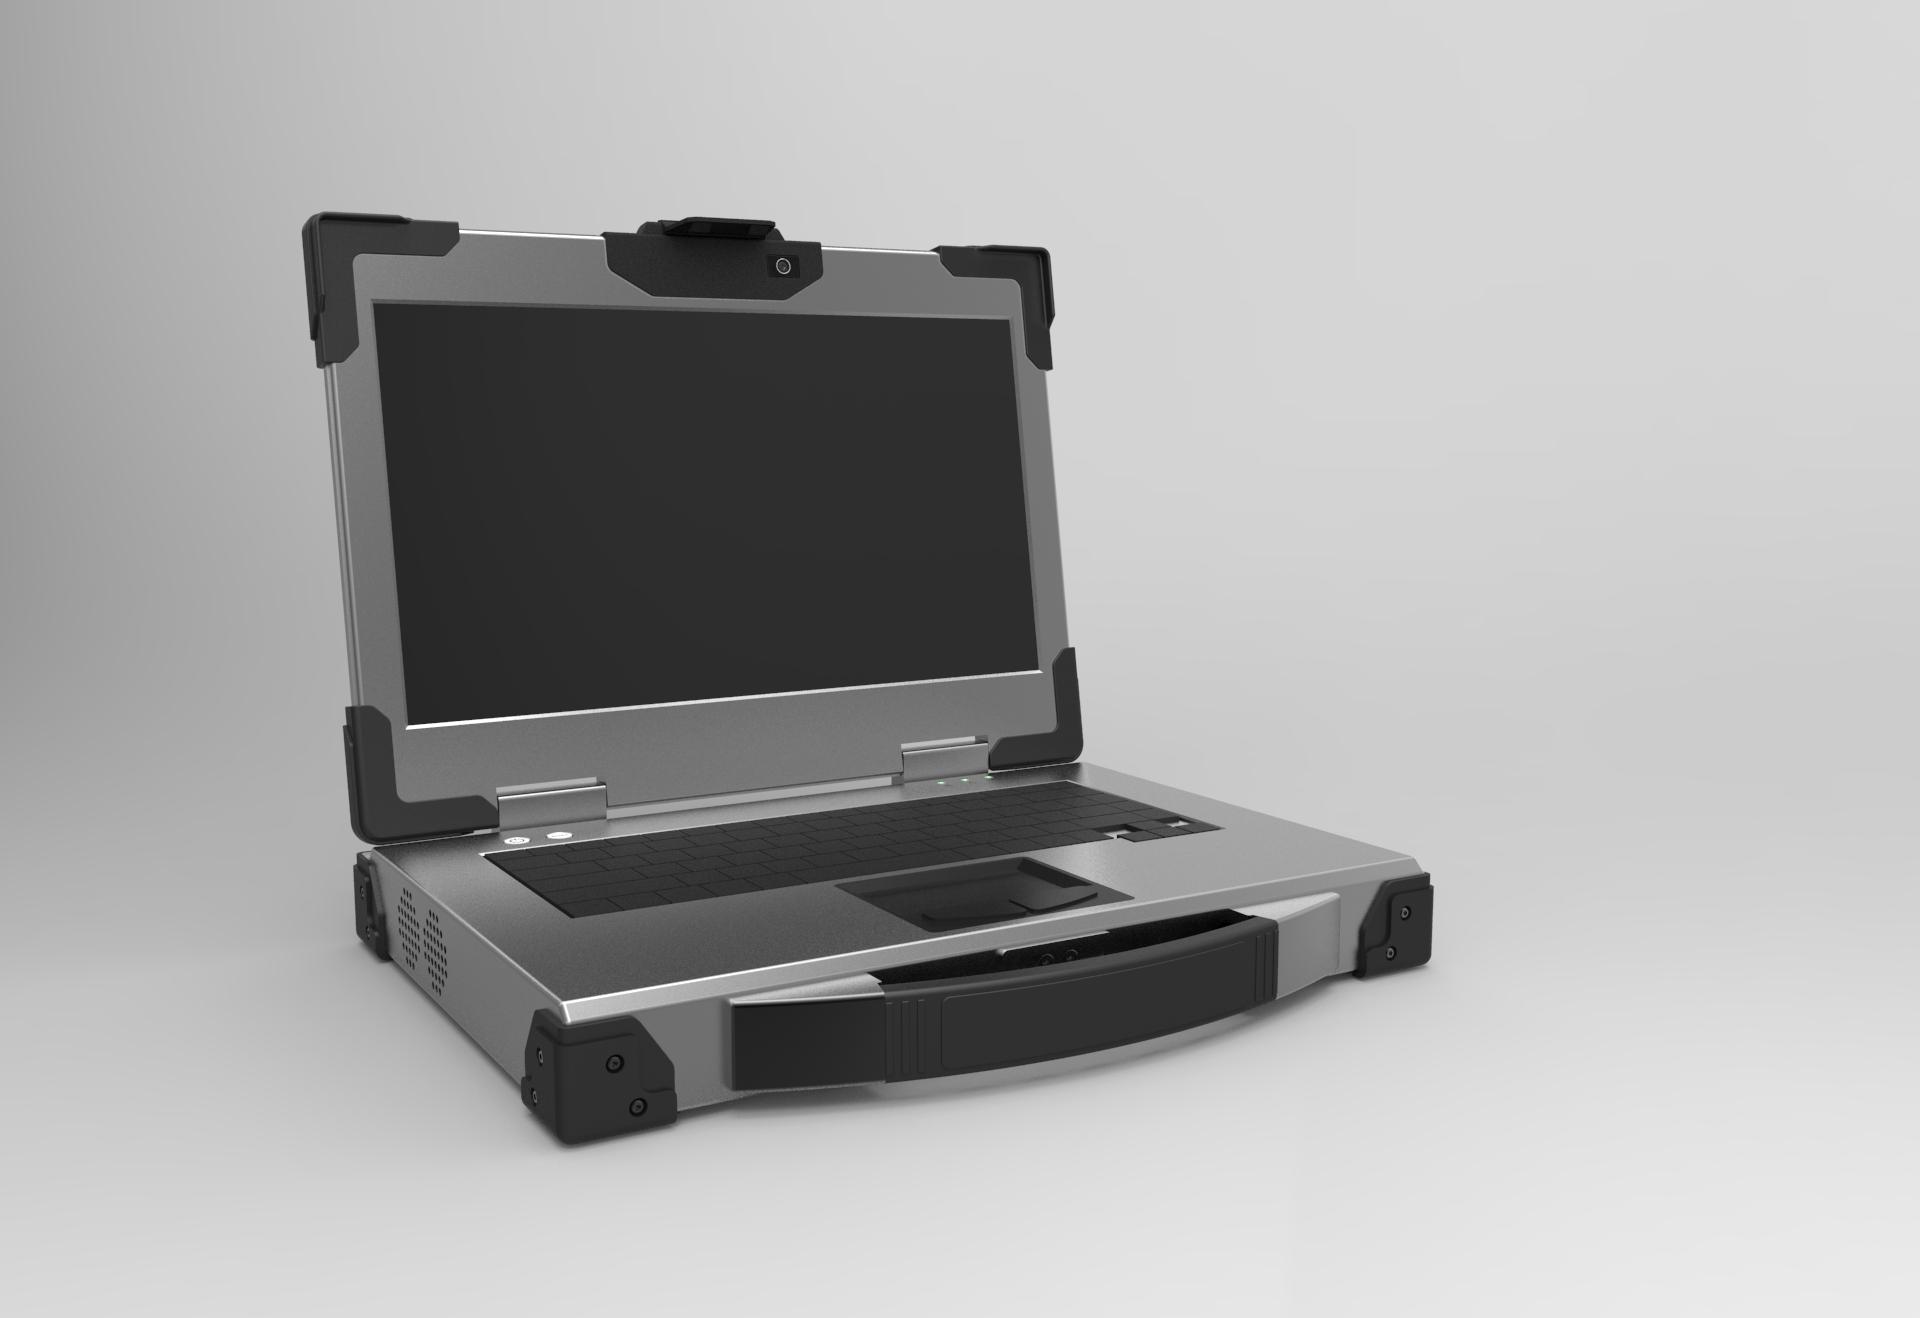 天拓工控便携电脑  在物流行业更高效经济灵活运用